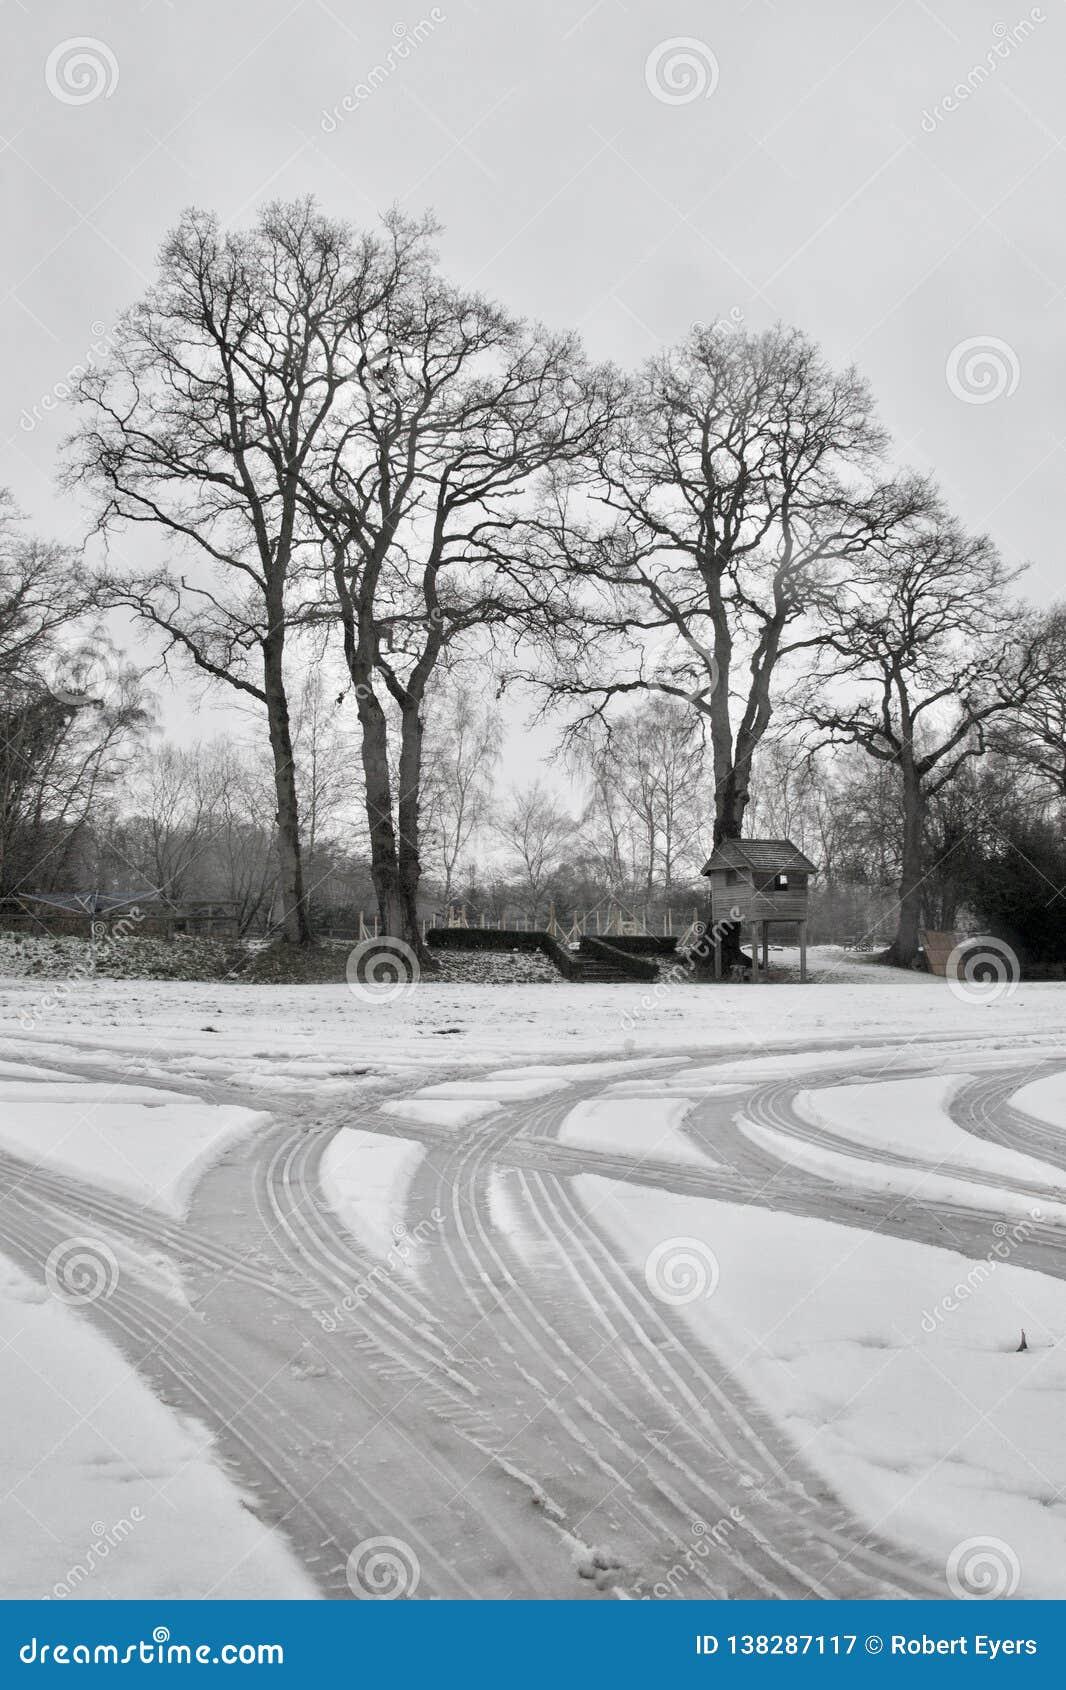 Διαδρομές ελαστικών αυτοκινήτου αυτοκινήτων στο χιόνι driveway  γυμνά χειμερινά δέντρα και σπίτι δέντρων κήπων